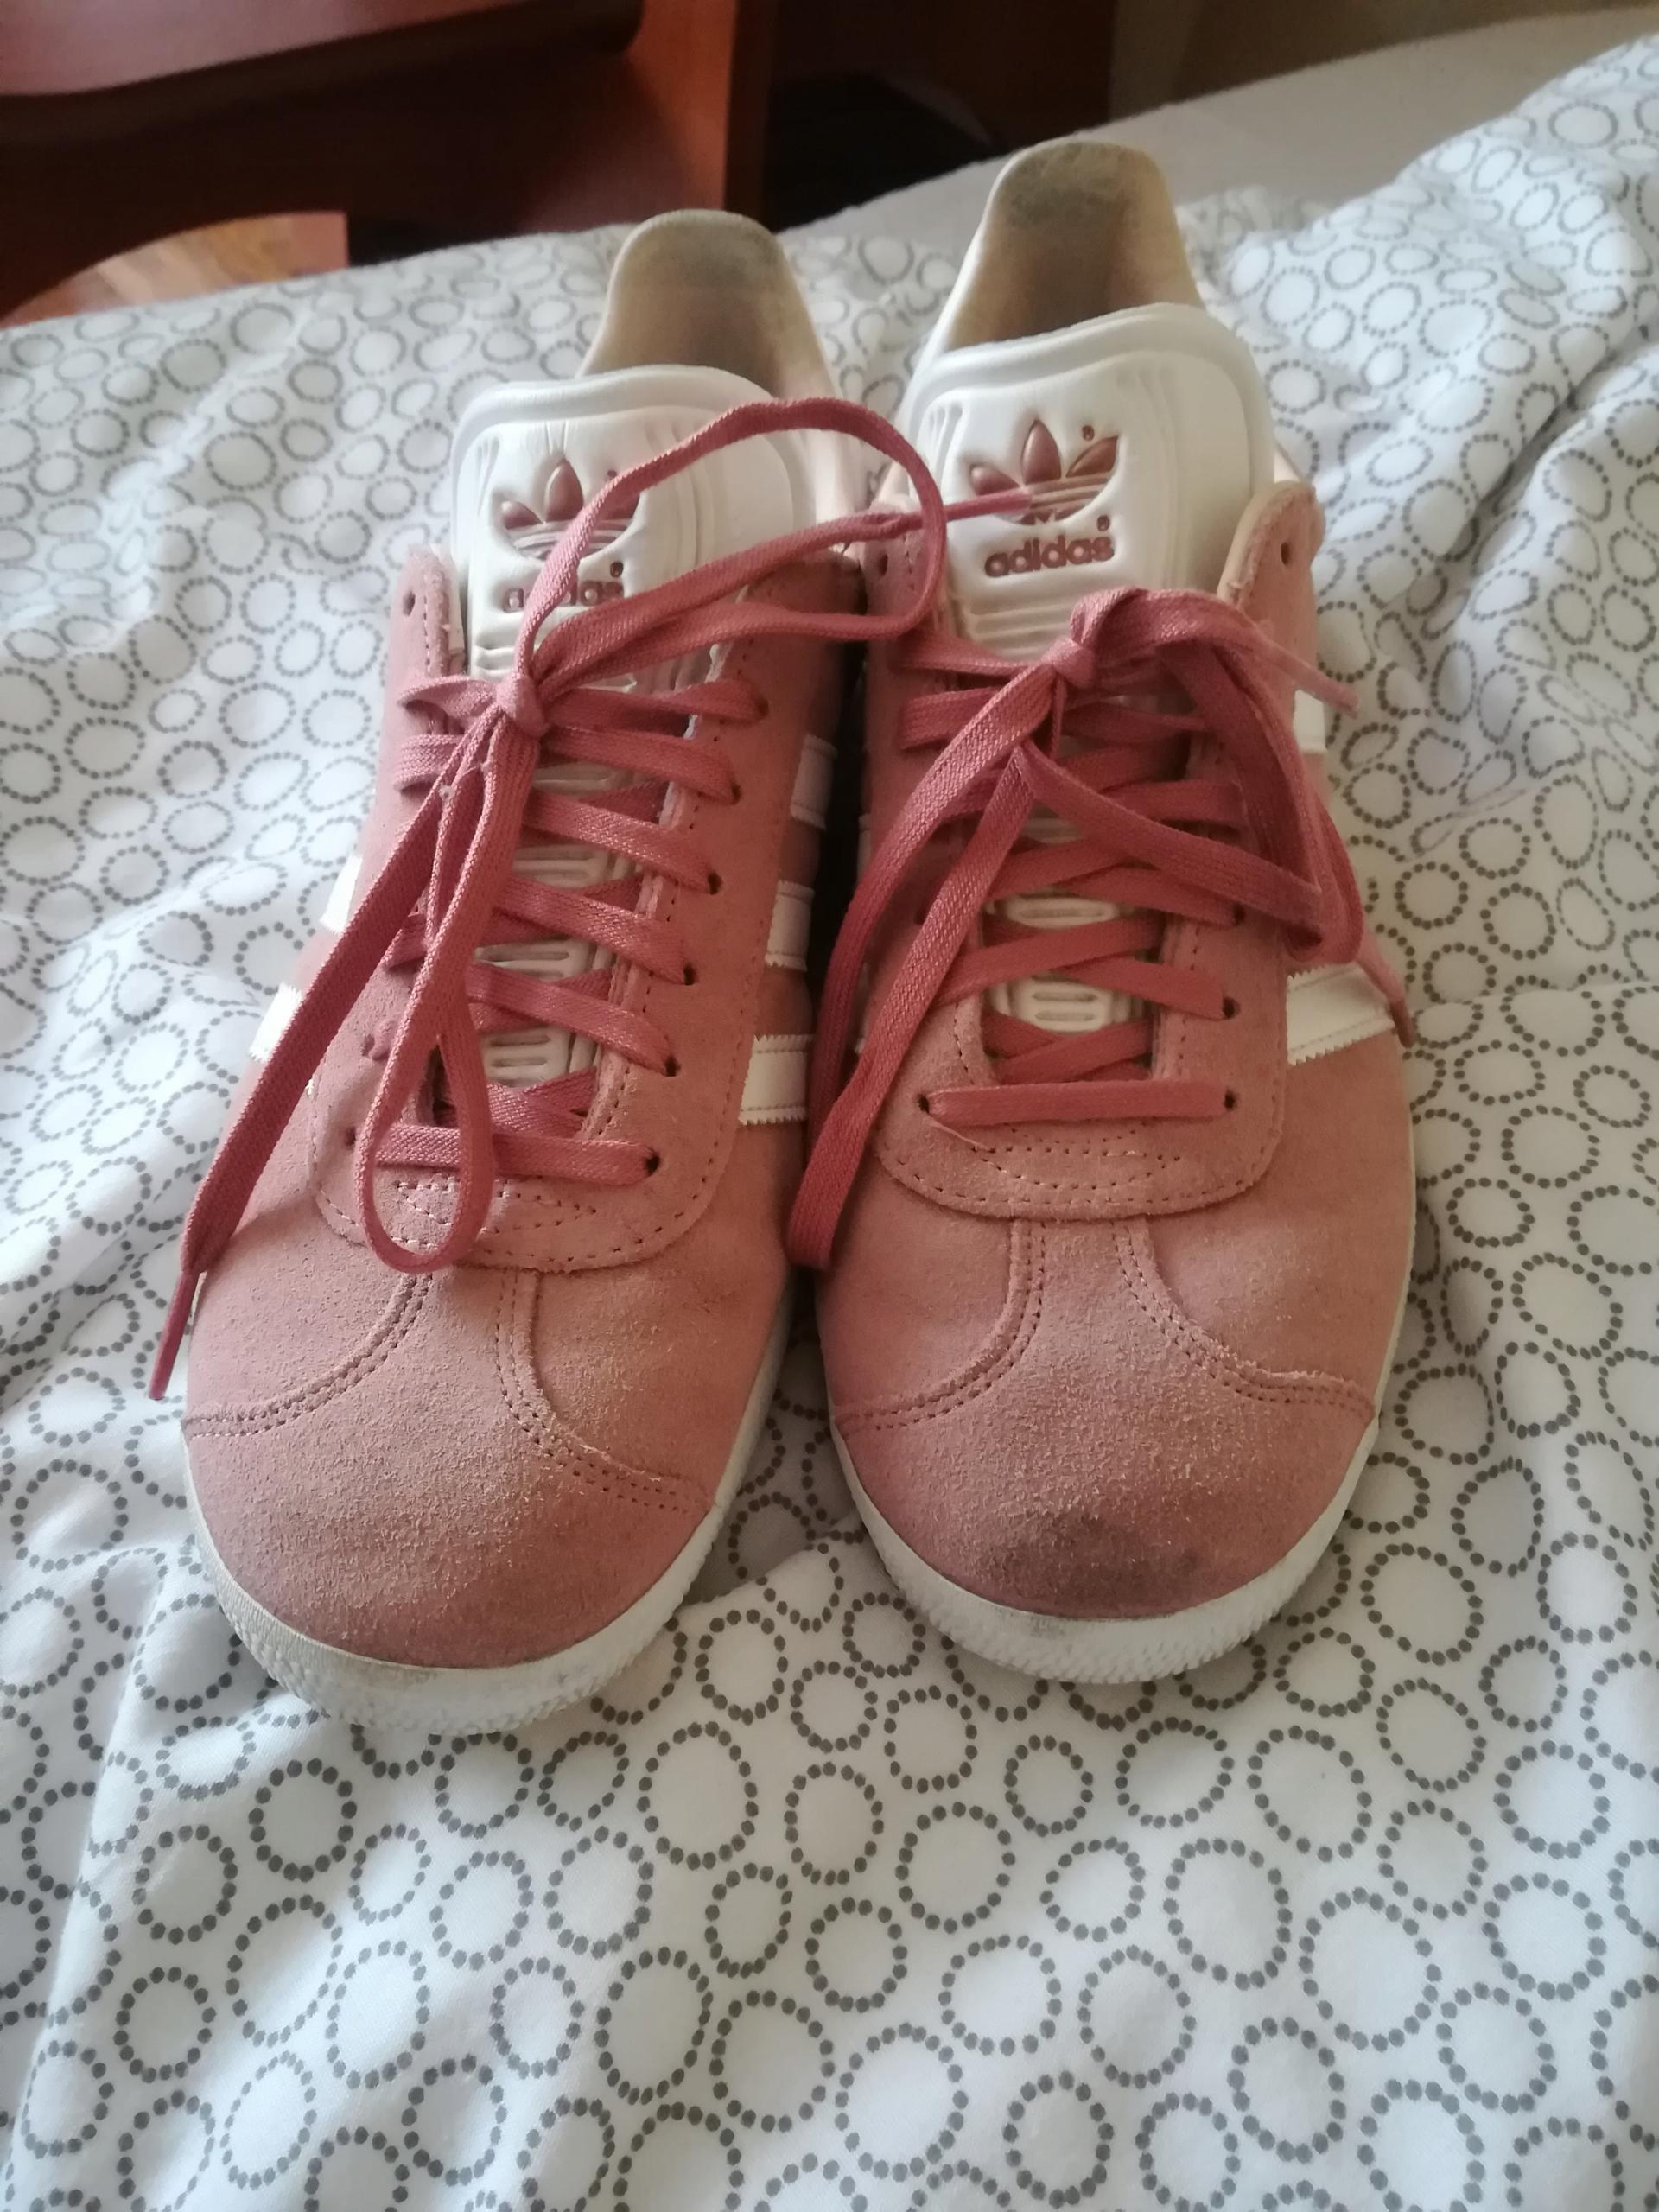 Buty Gazzele Pudrowy Róż Adidas 40 7815832960 oficjalne